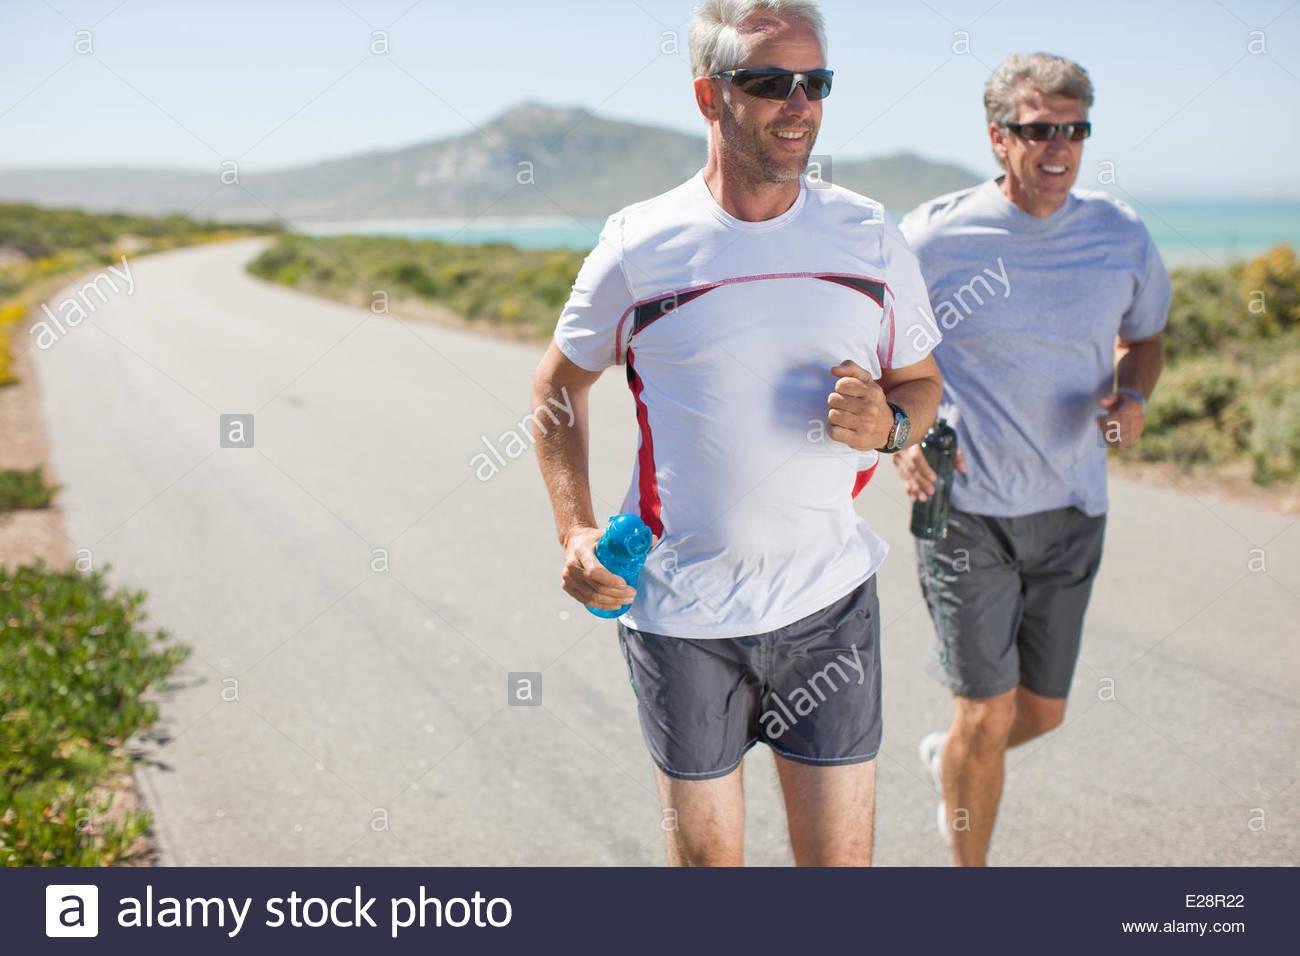 Les hommes le jogging et au transport de l'eau bouteilles Photo Stock